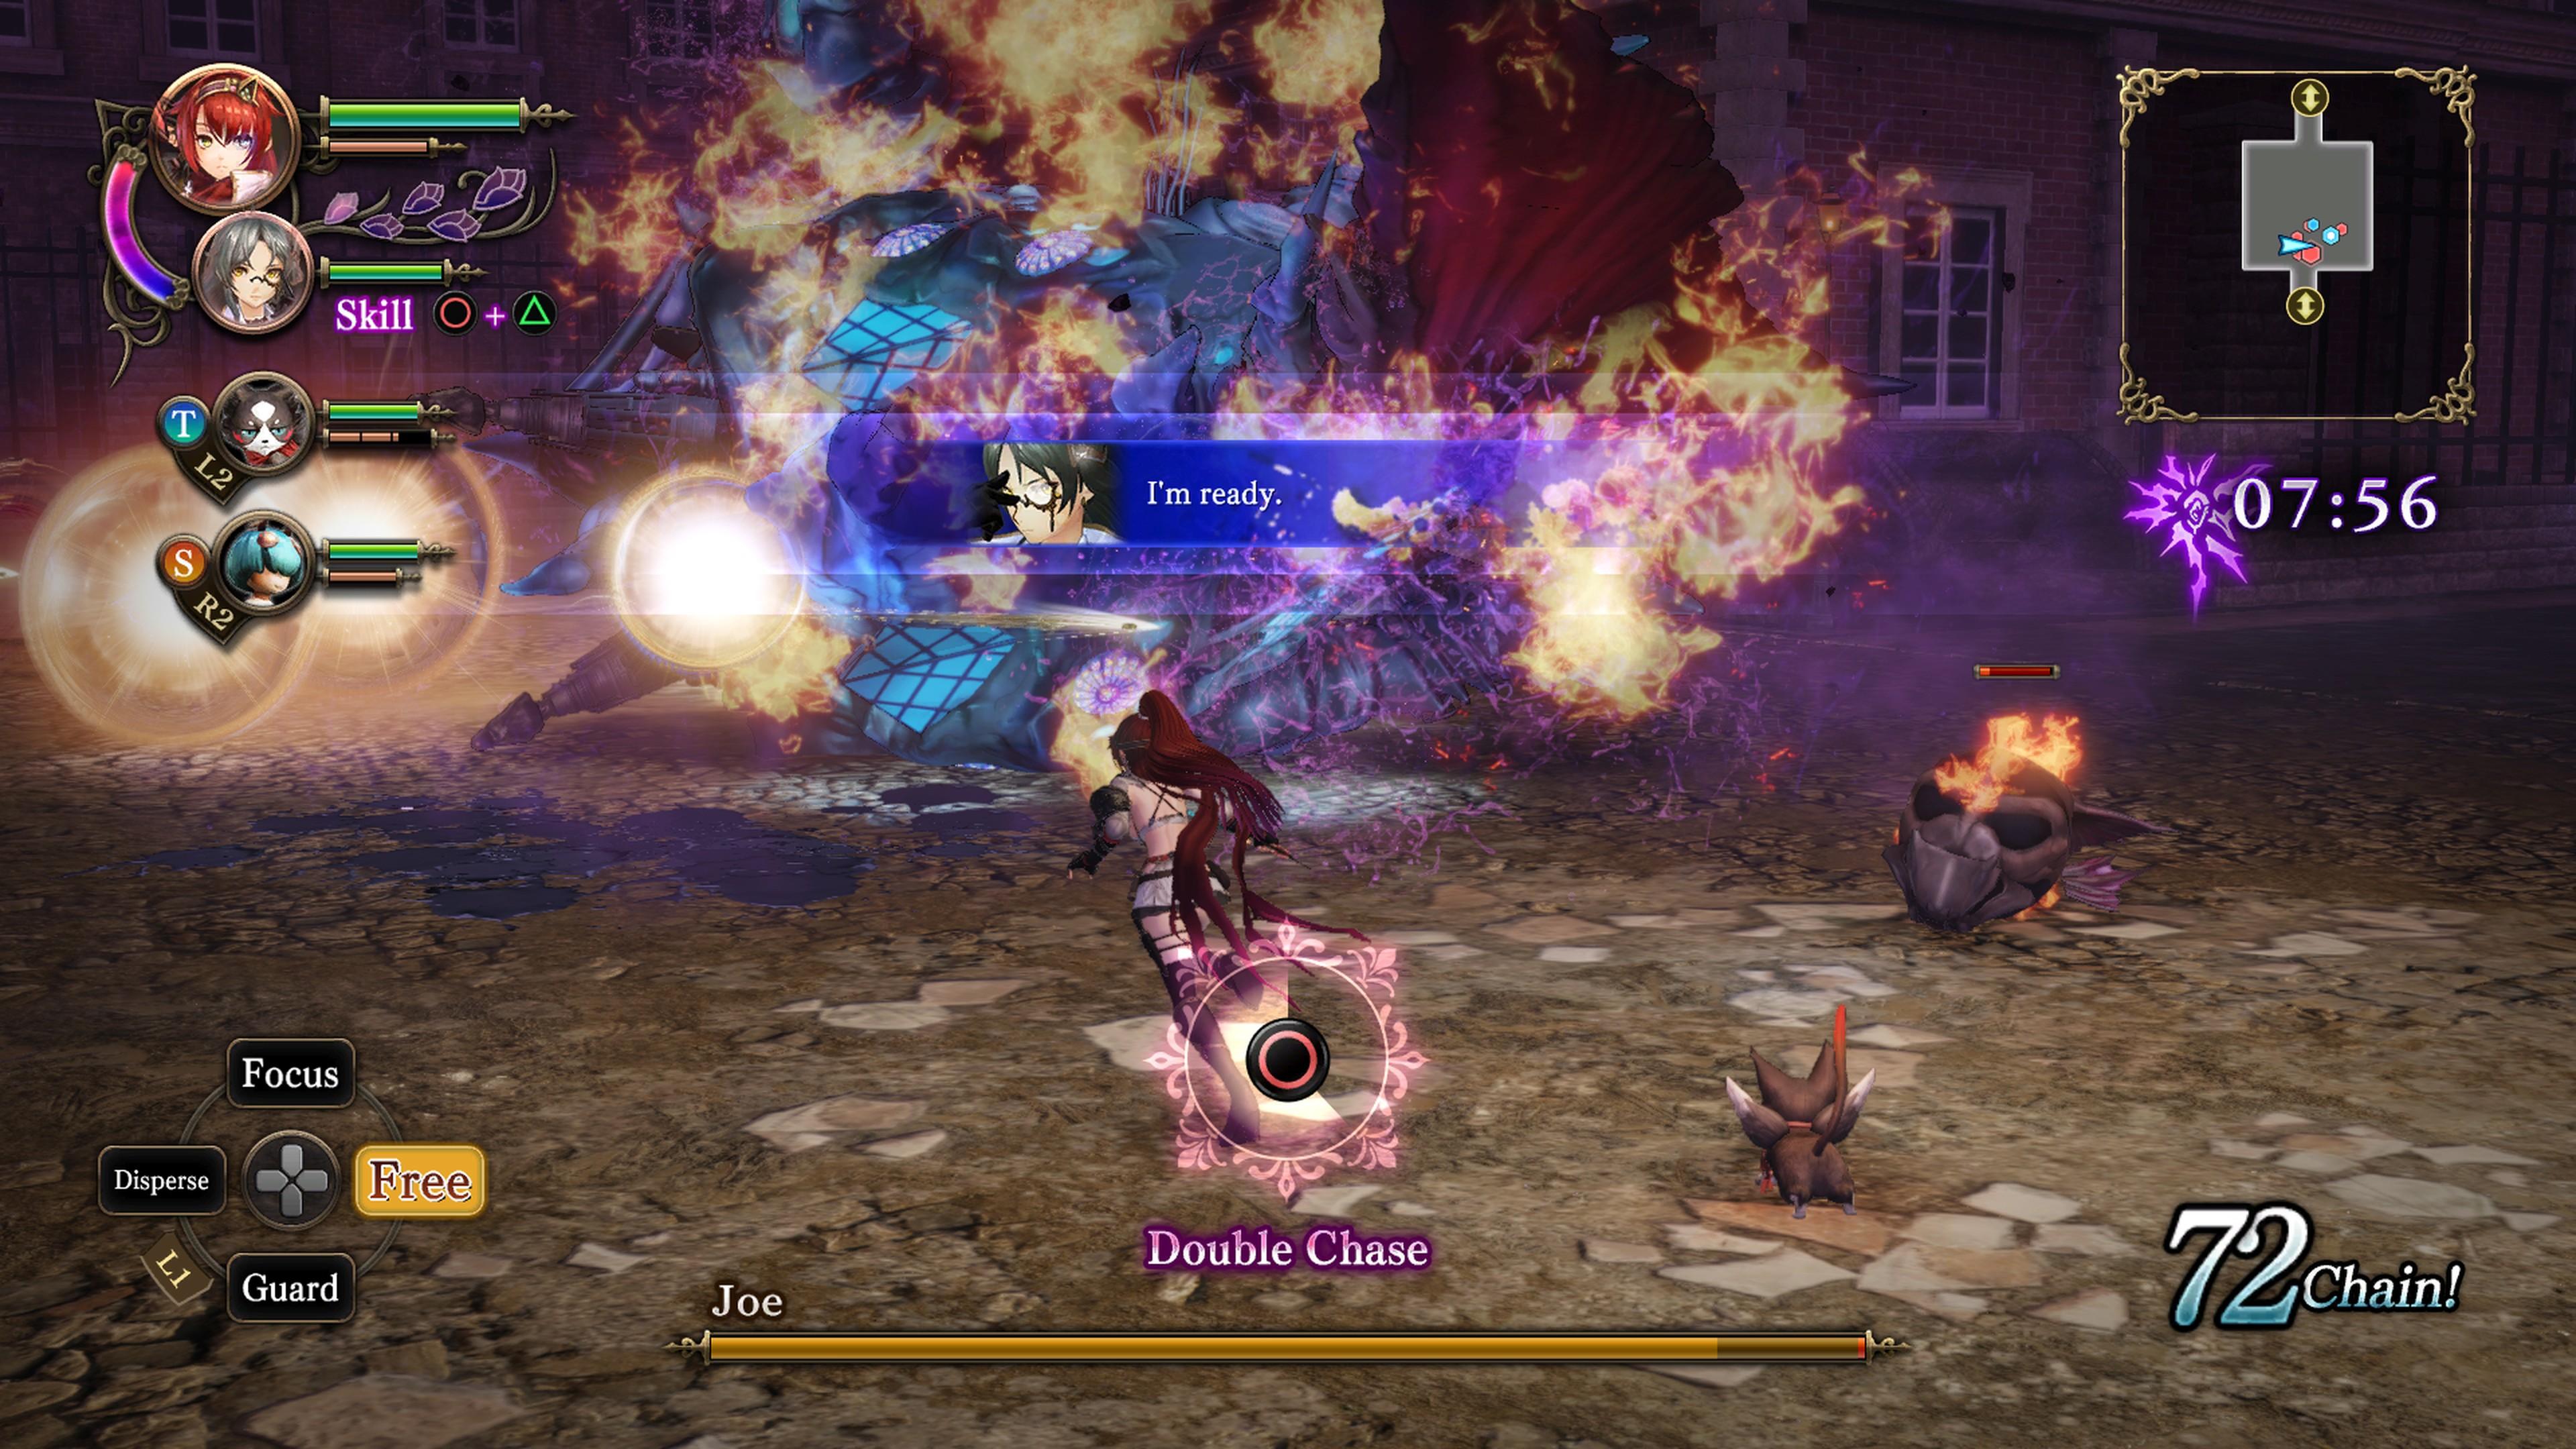 Detaily bojového sytému Nights of Azure 2 a bonusy po vydání 149849